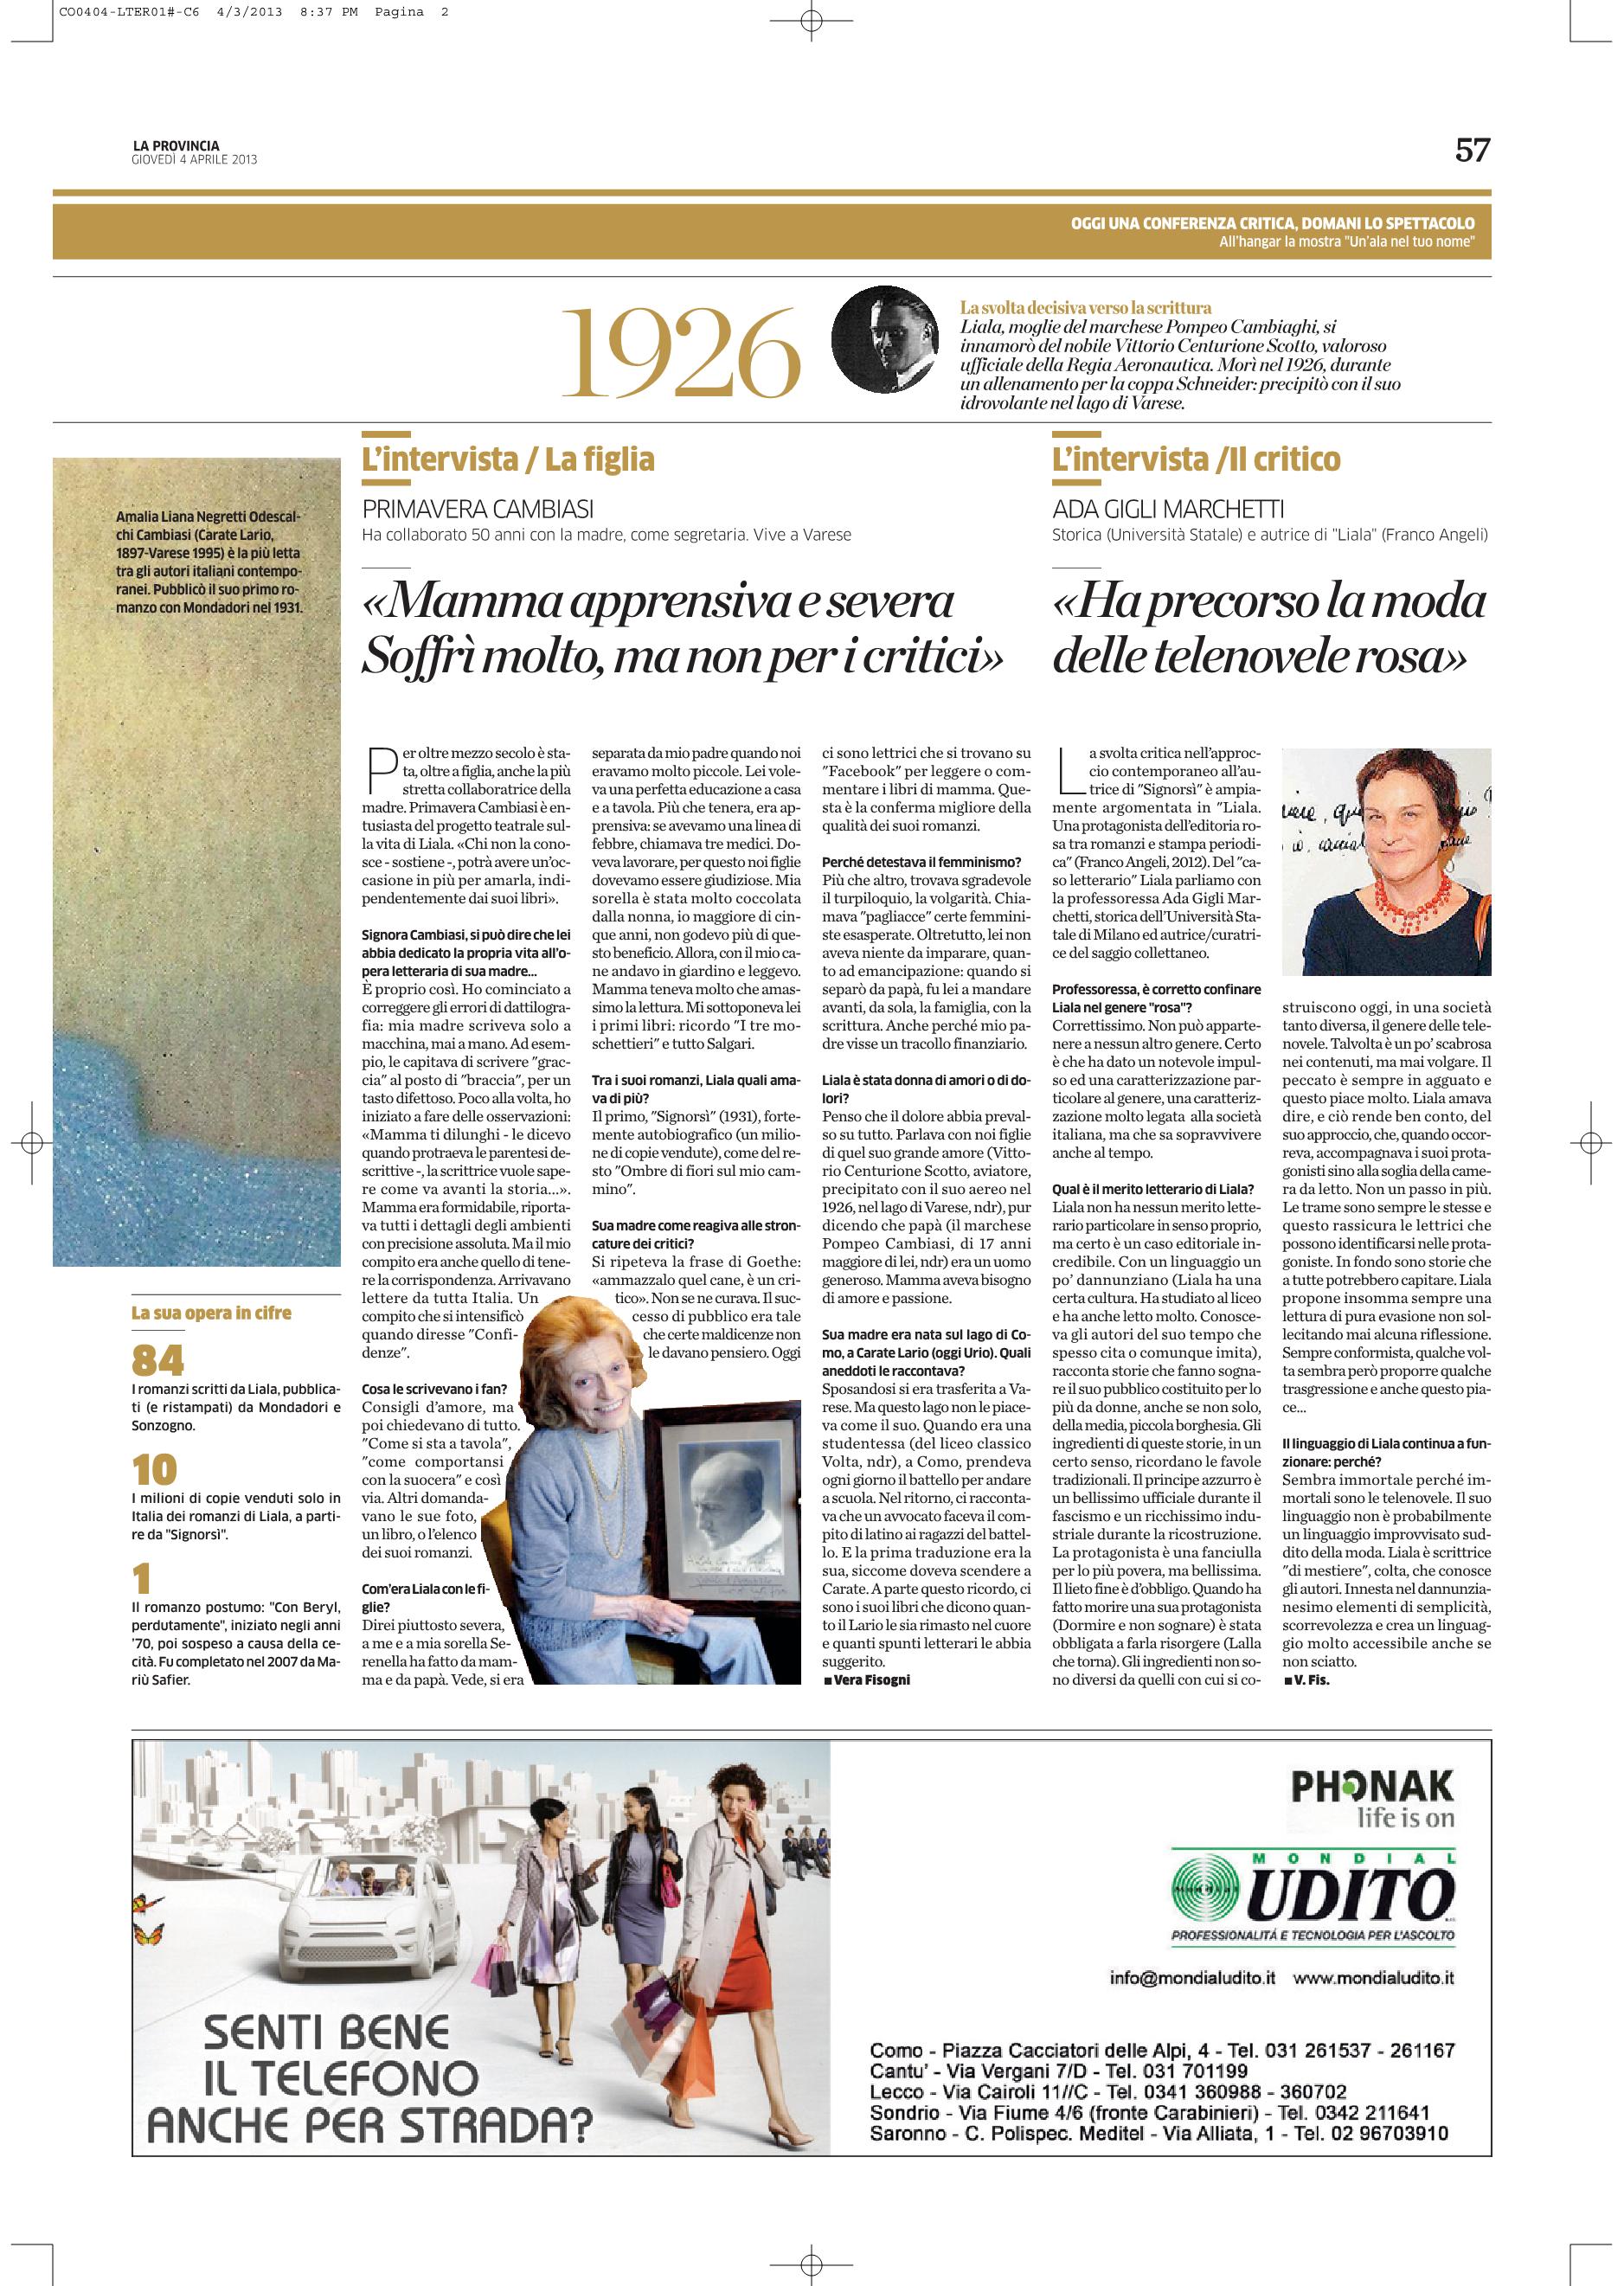 La Provincia di Como pagina doppia 4 aprile 2013